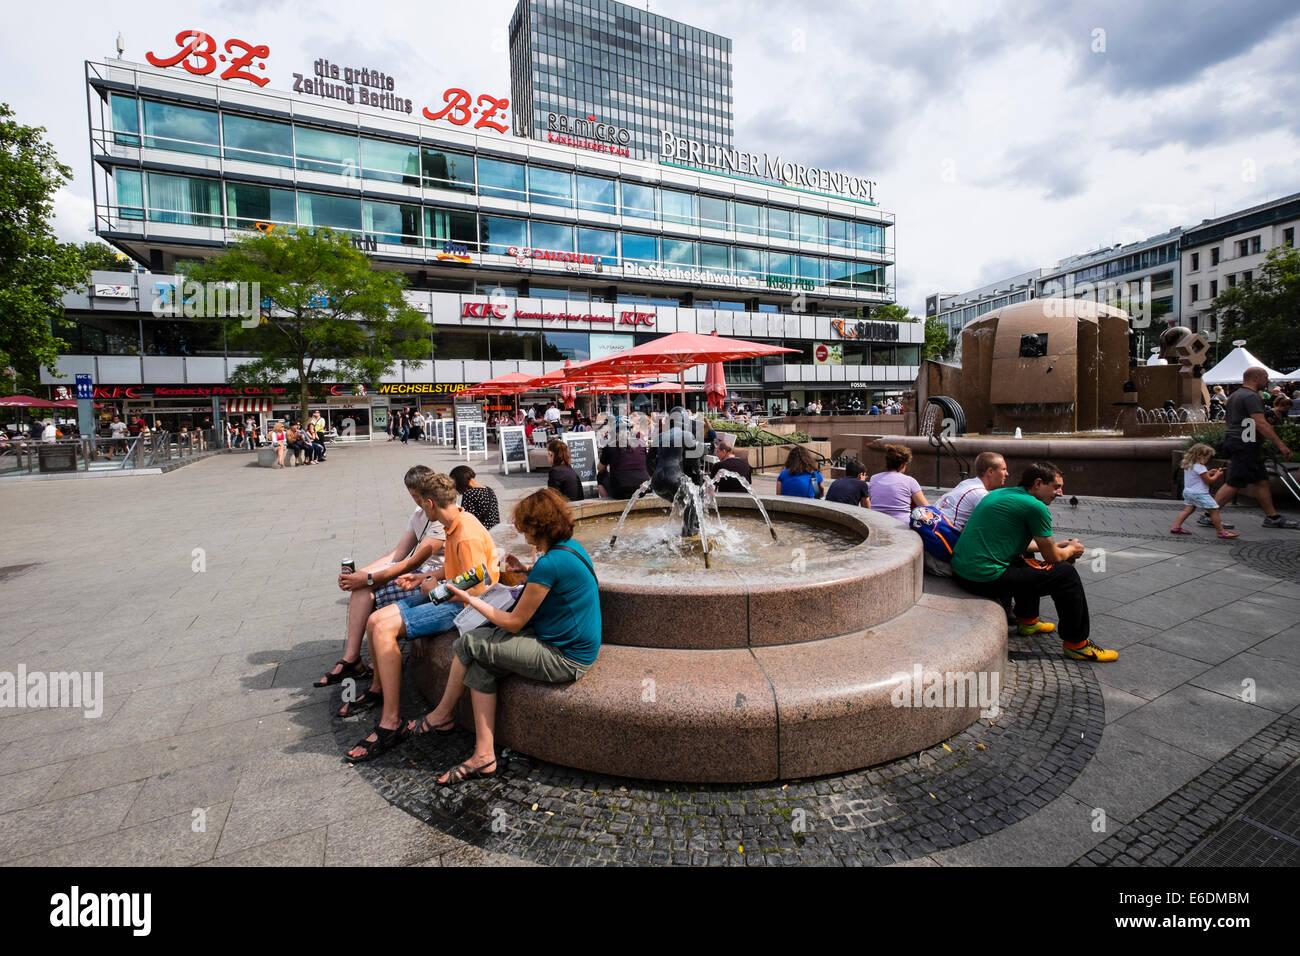 La place à côté de la fontaine dans Charlottenurg Europa Center Berlin Allemagne Photo Stock